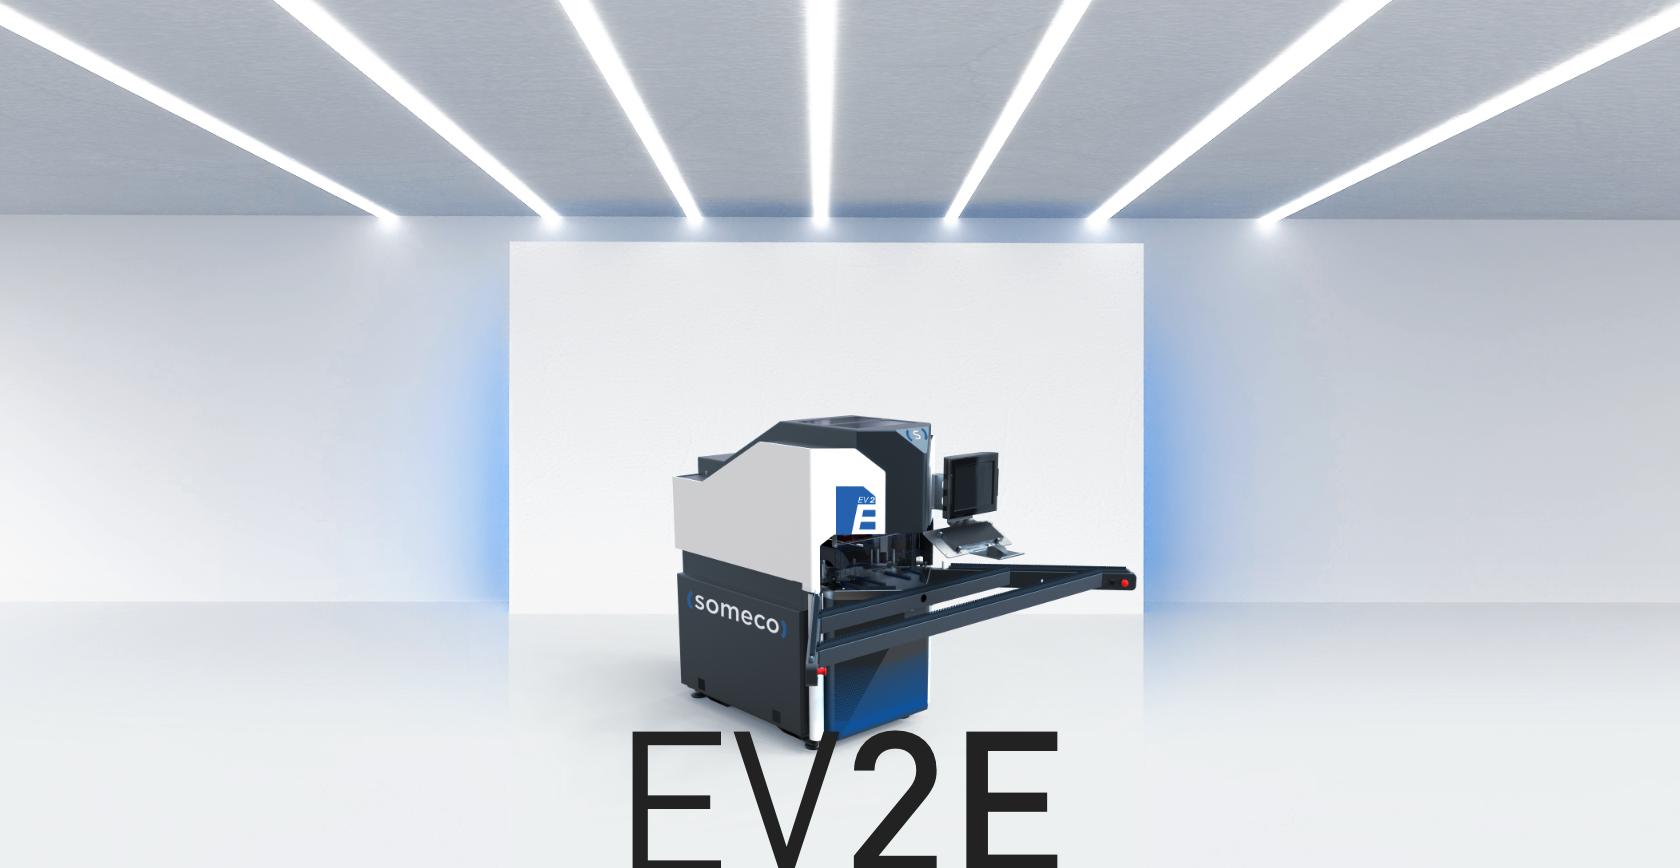 Someco - EV 2E